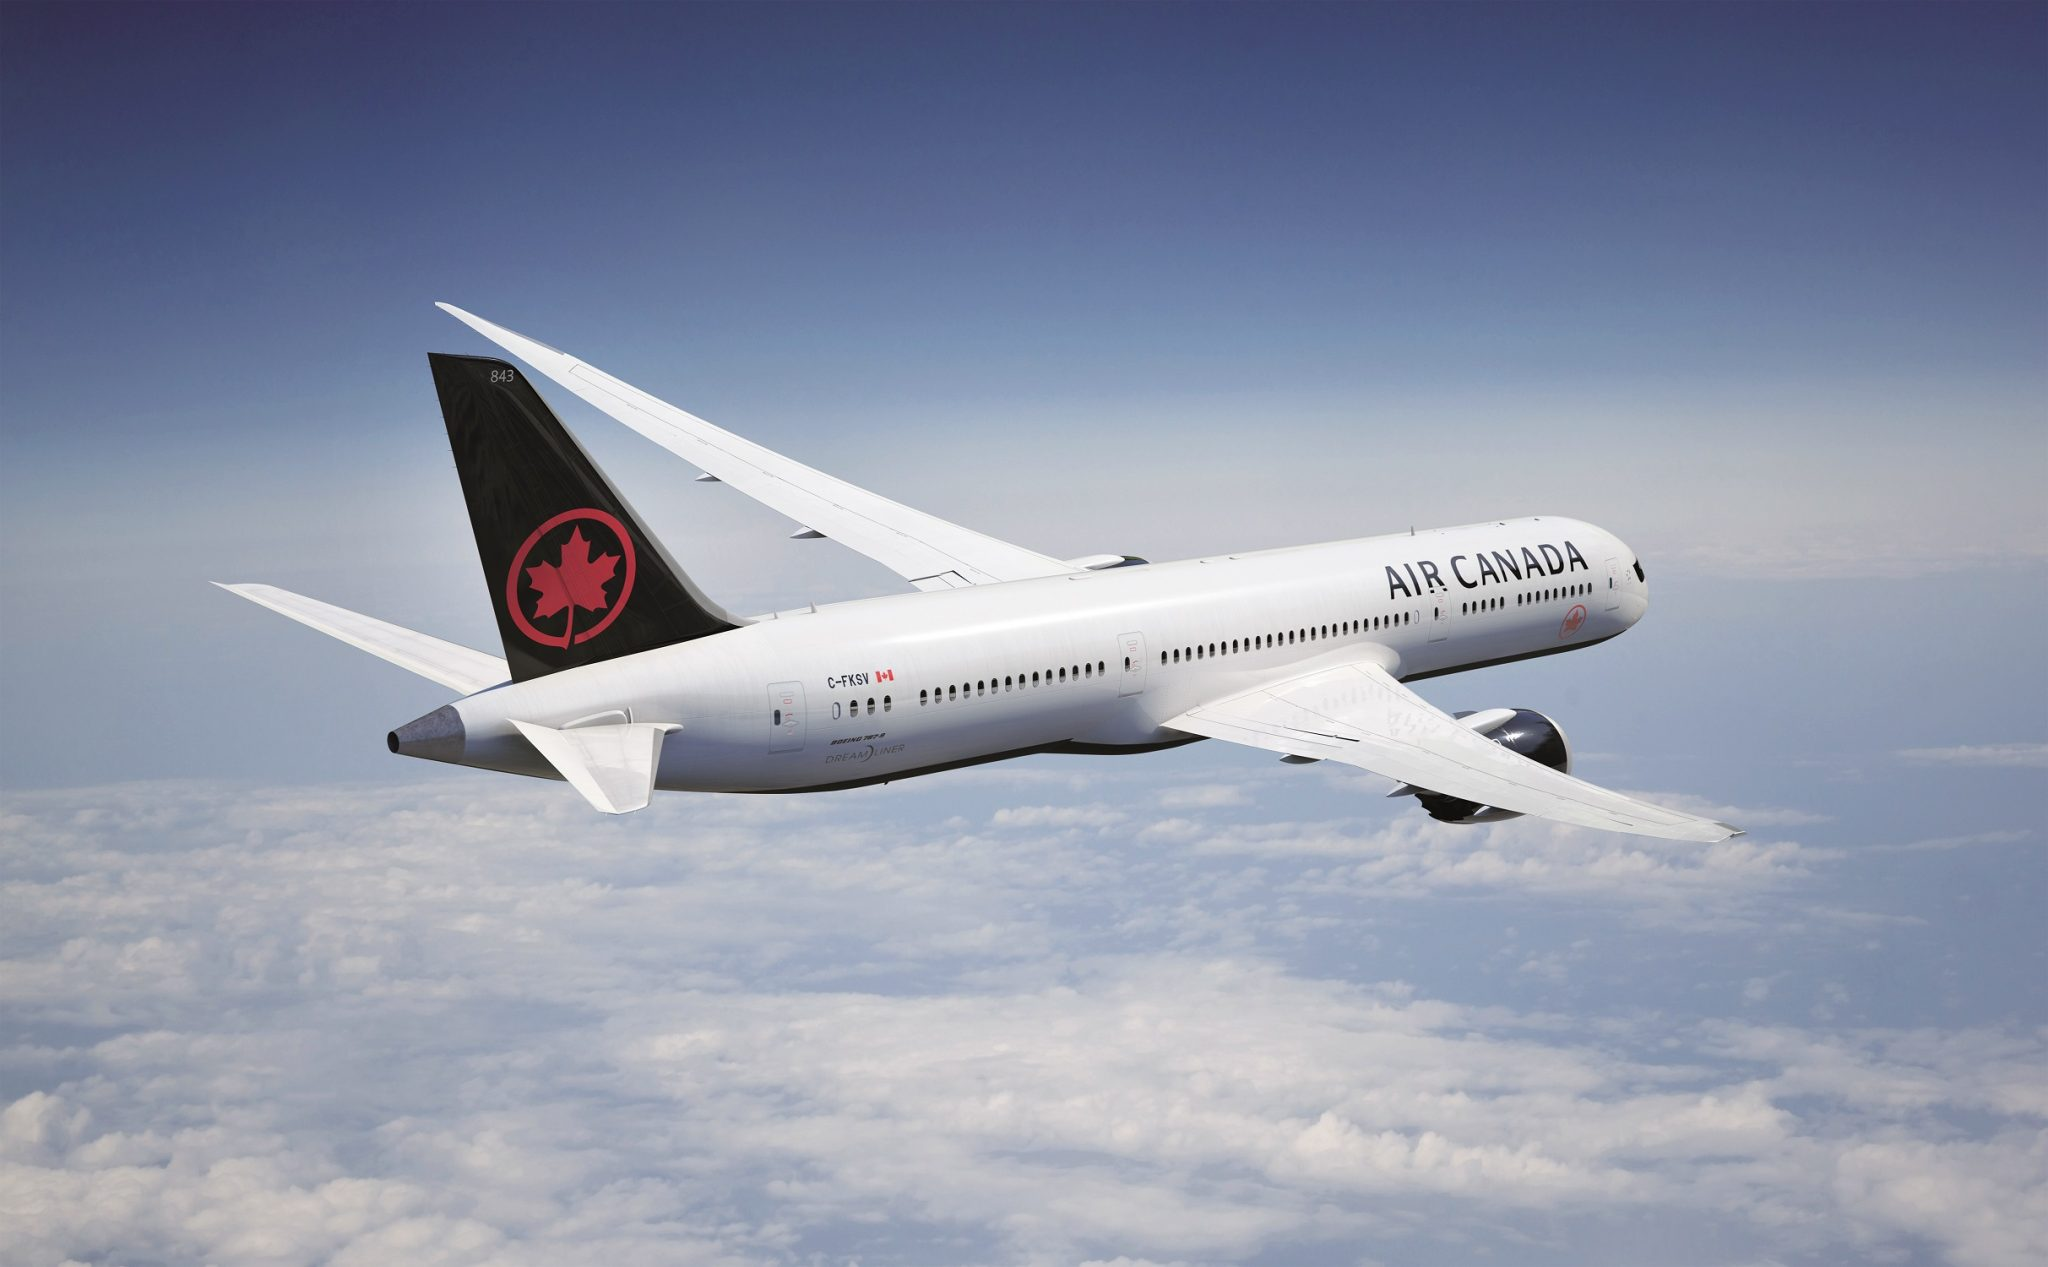 Air Canada formaliza compra de Air Transat por 520 millones de dólares canadienses